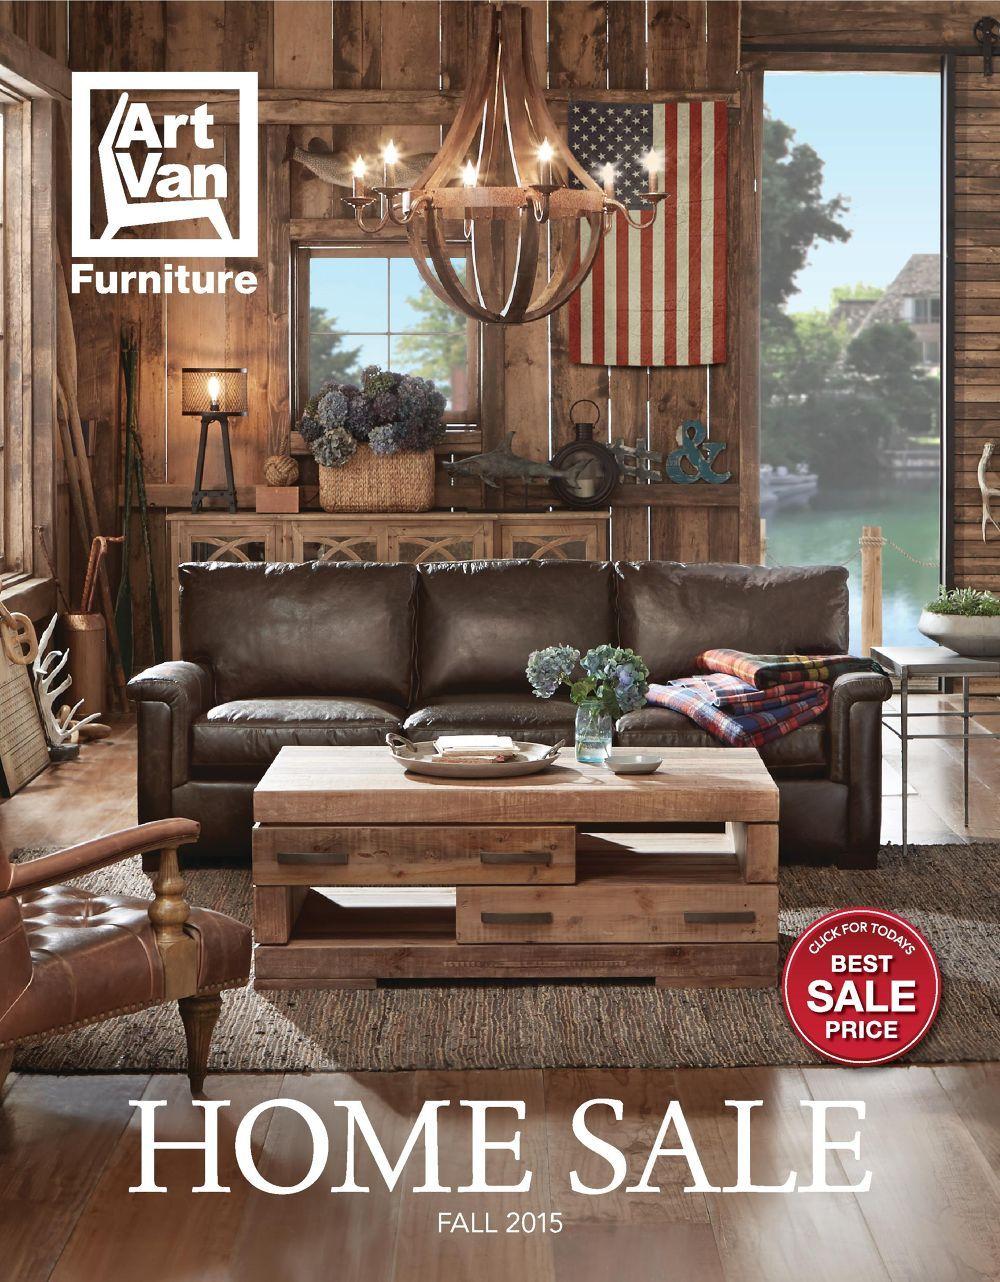 Art Van Furniture Furniture Furniture Catalog Home Furniture